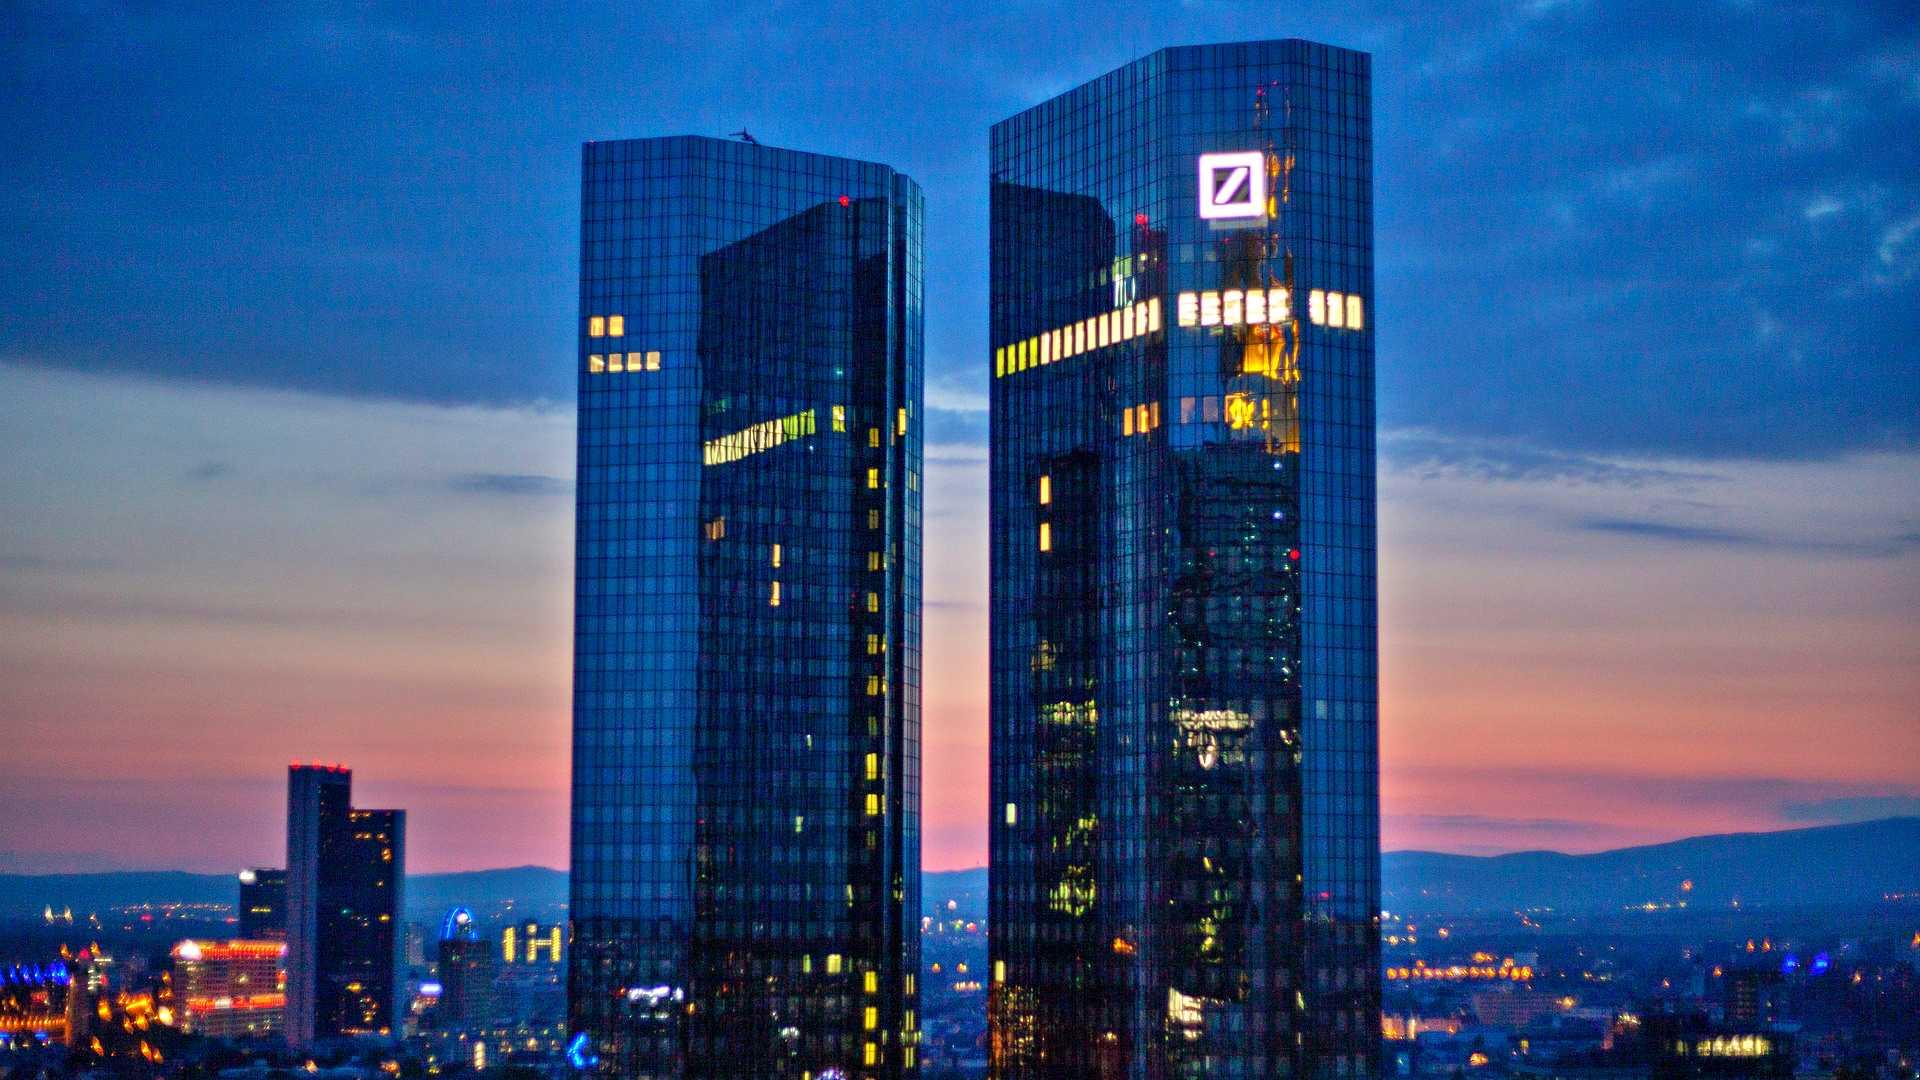 bigtech gafa deutsche bank